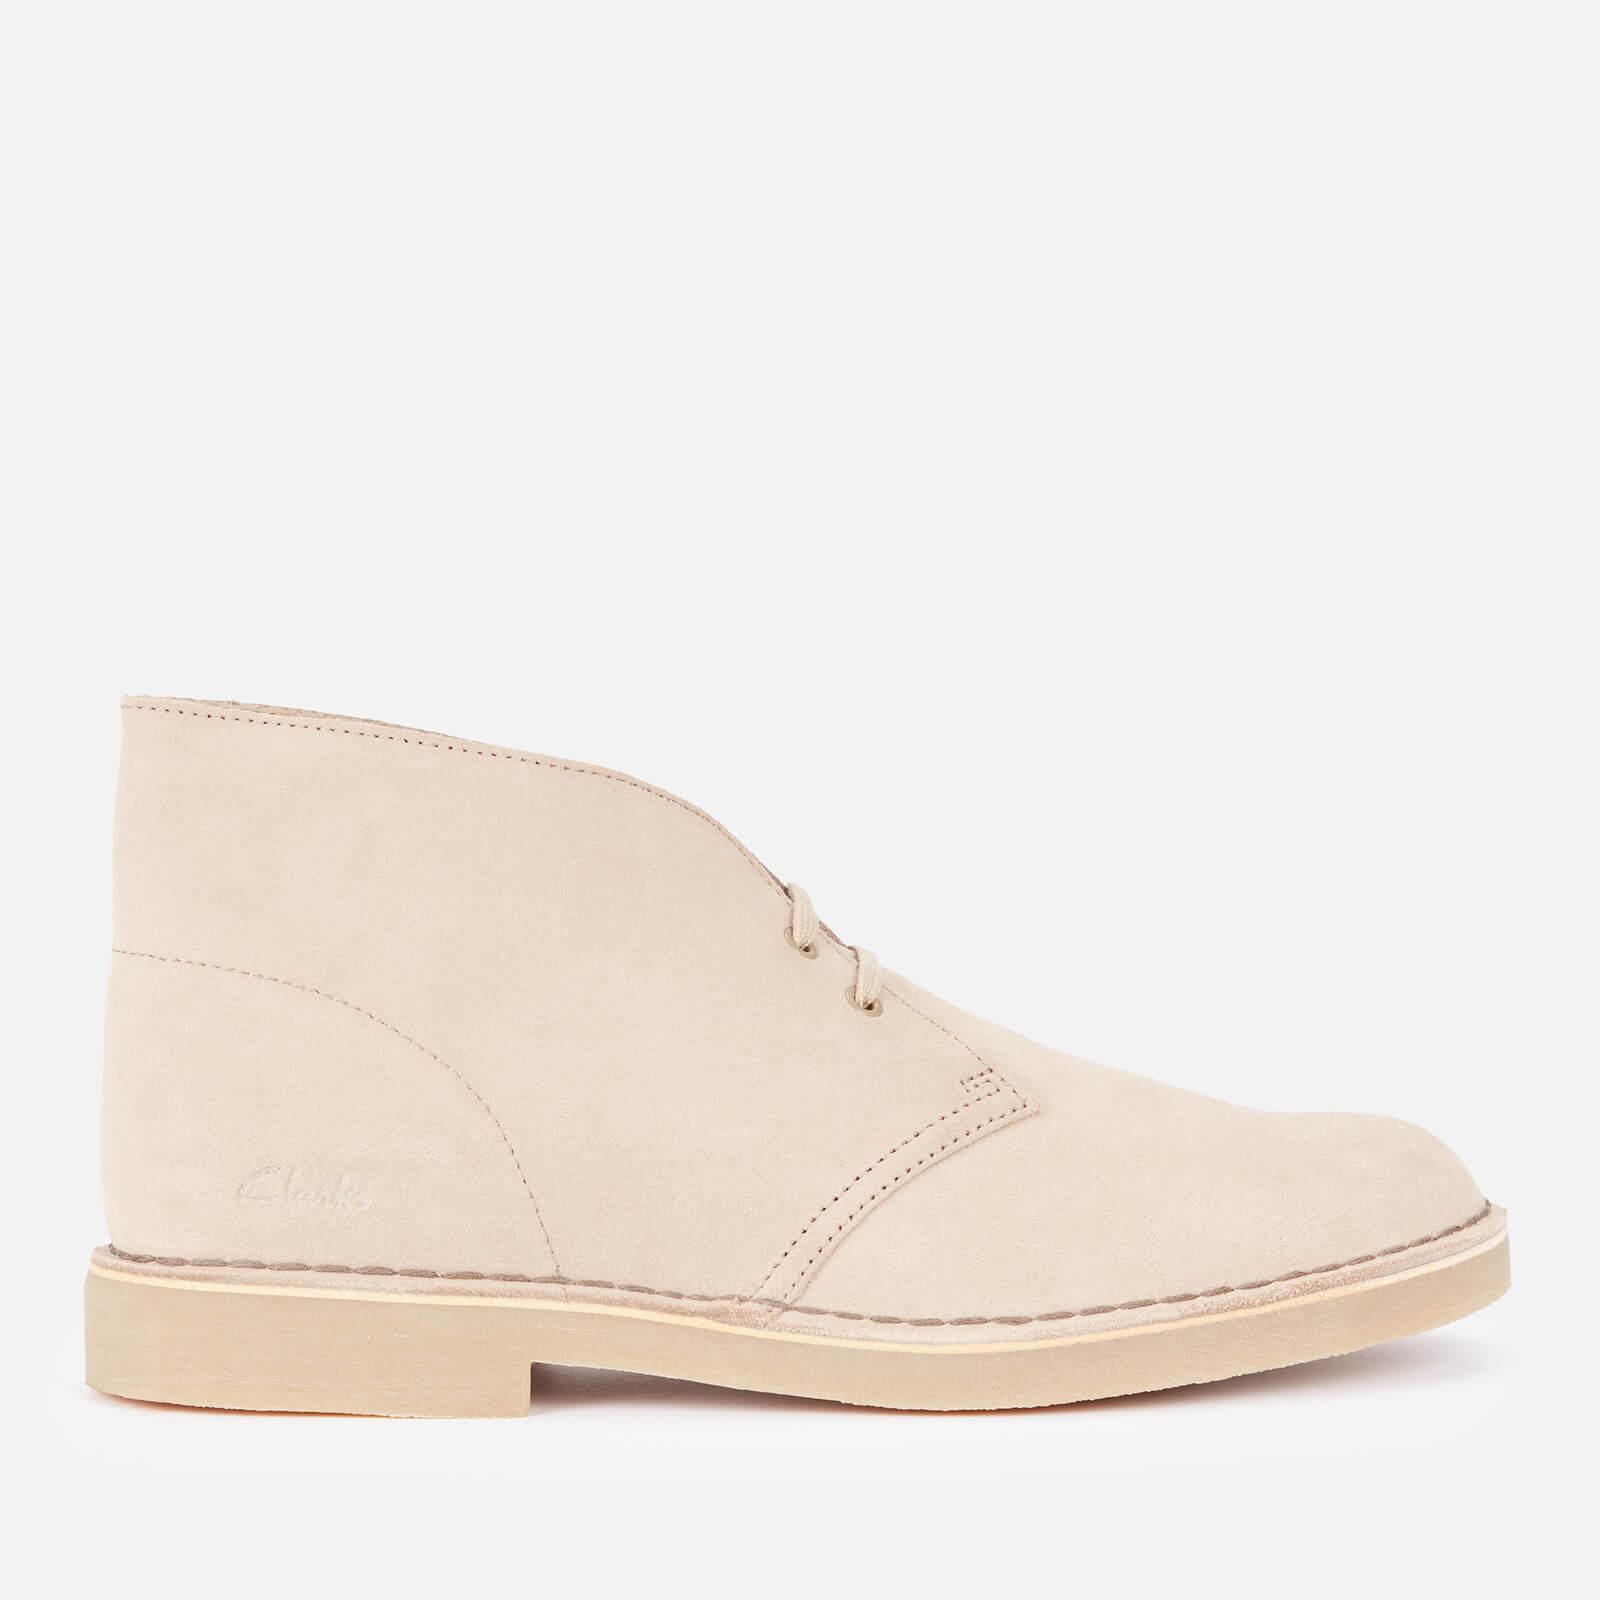 Clarks Men's Desert 2 Suede Boots - Sand - UK 8